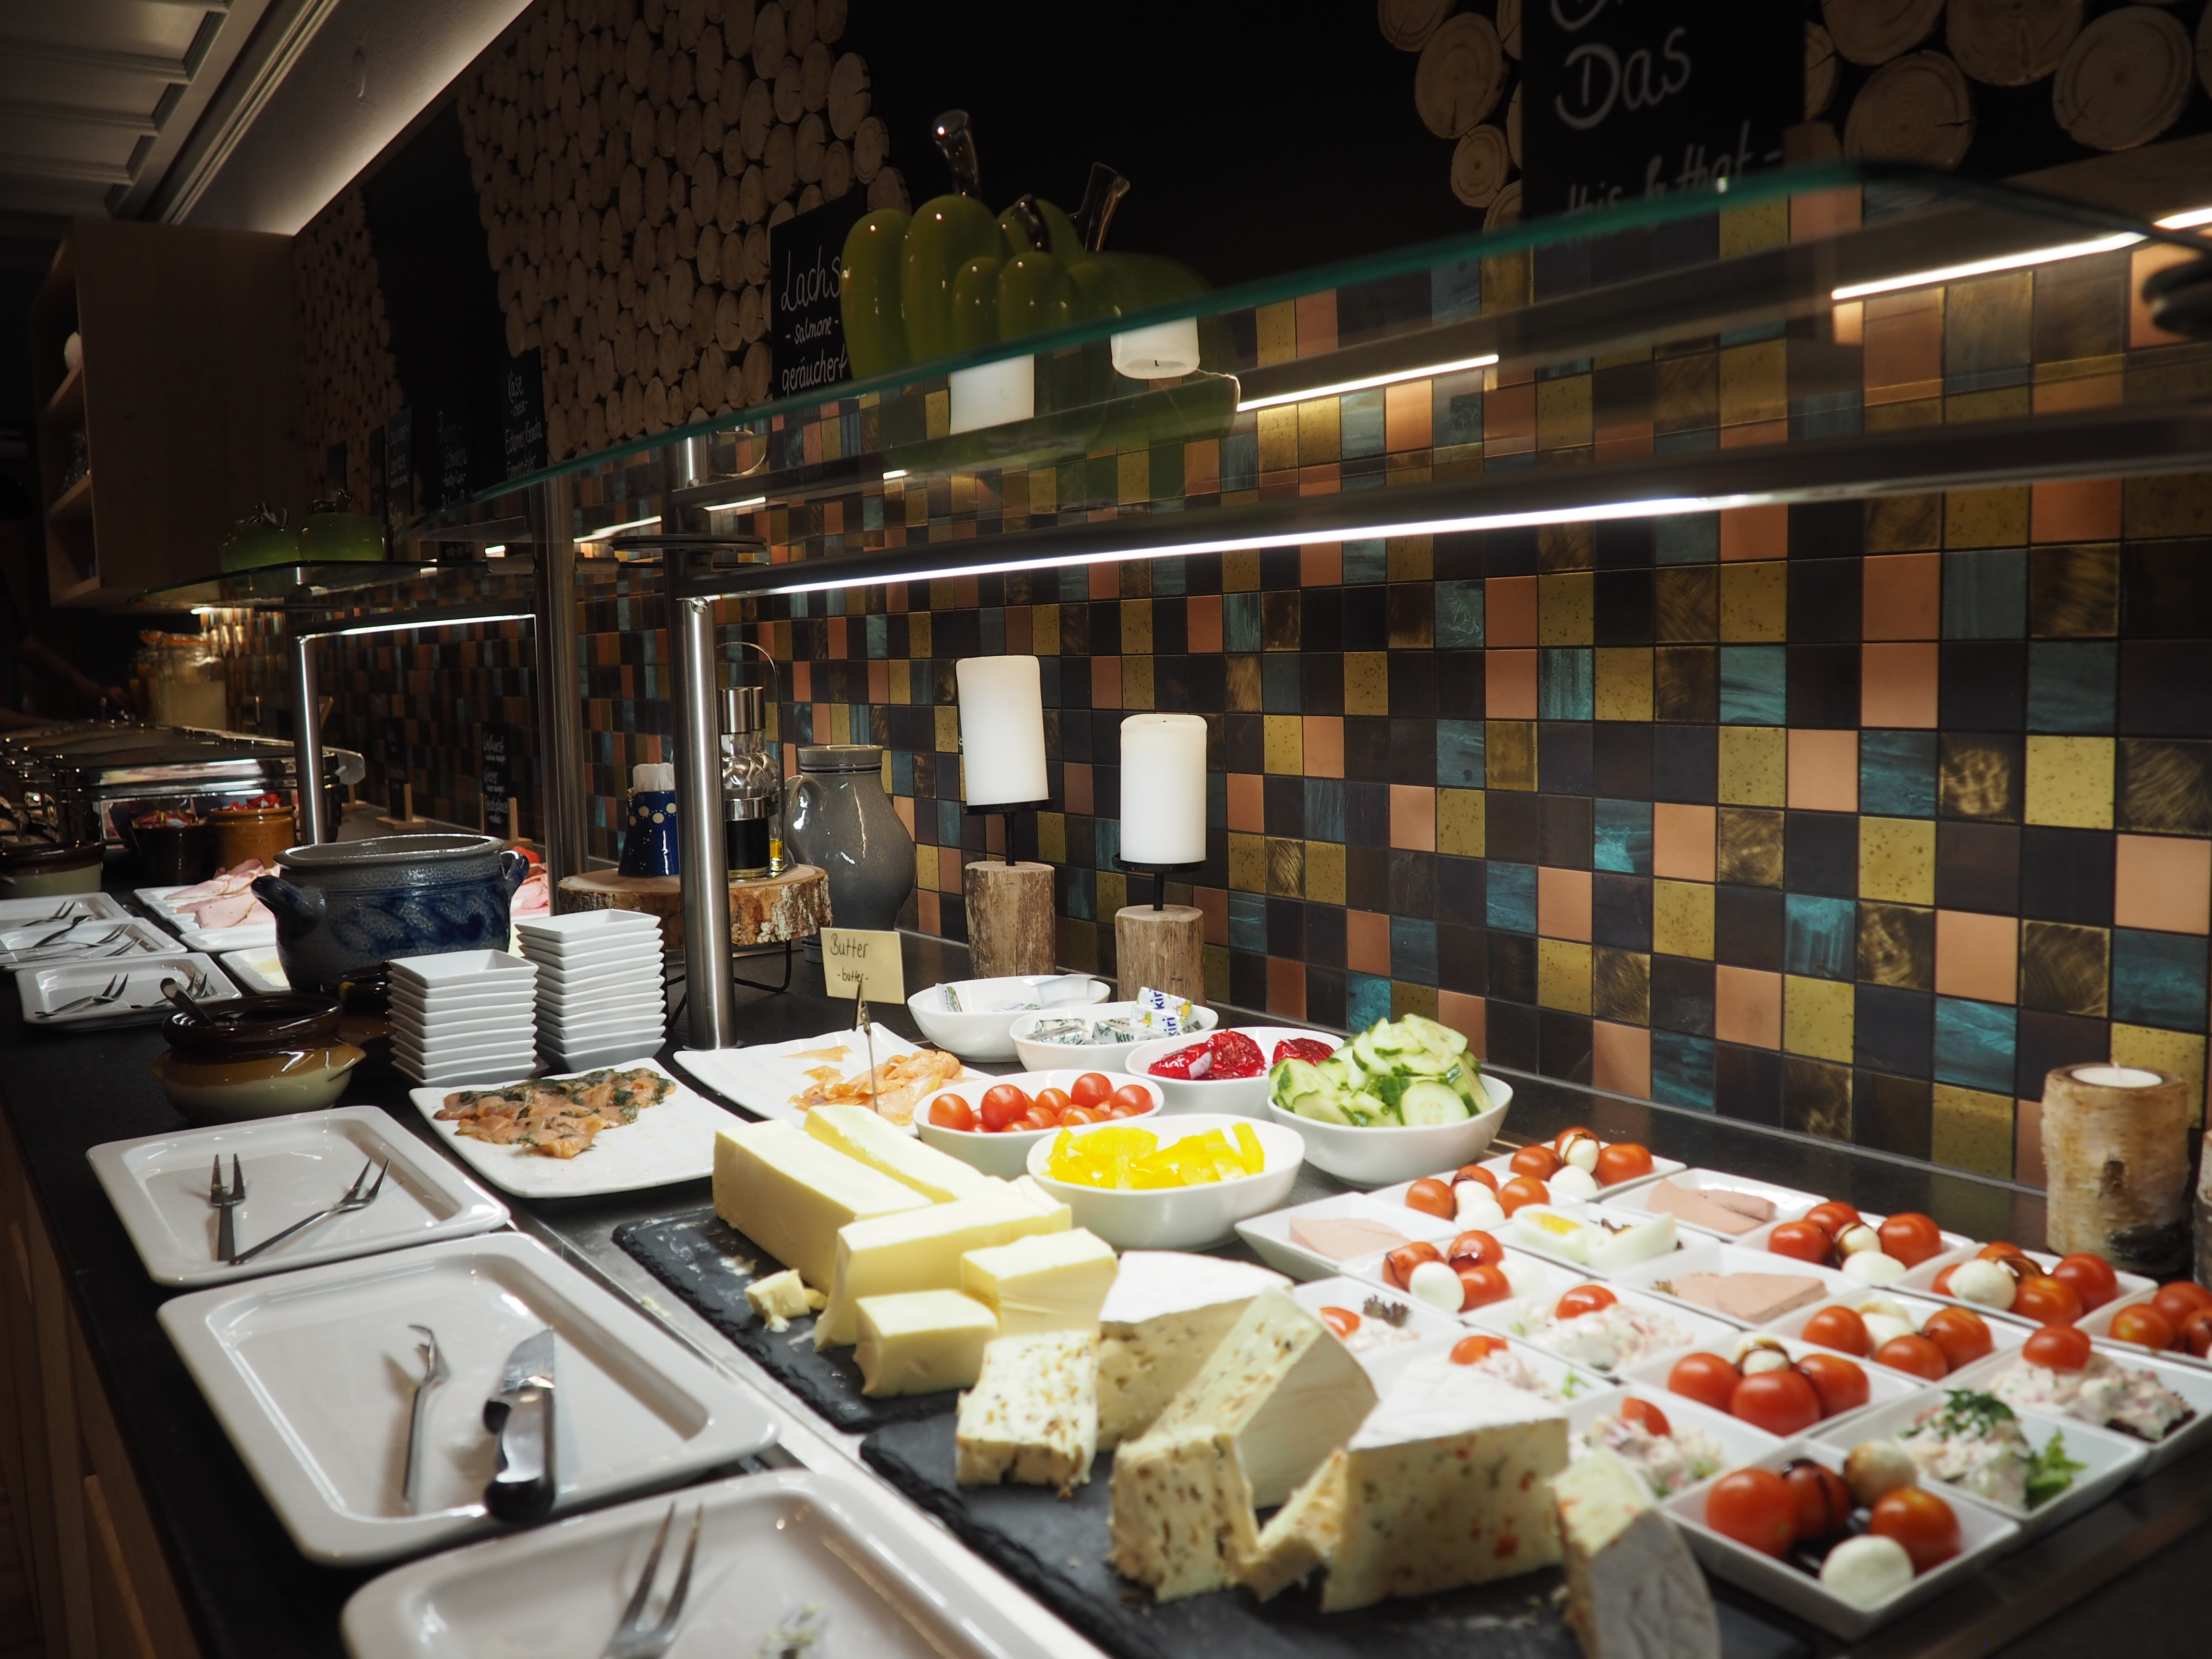 Kleiner Teil des Frühstückbuffets im Best Western Hotel Erb in Parsdorf bei München